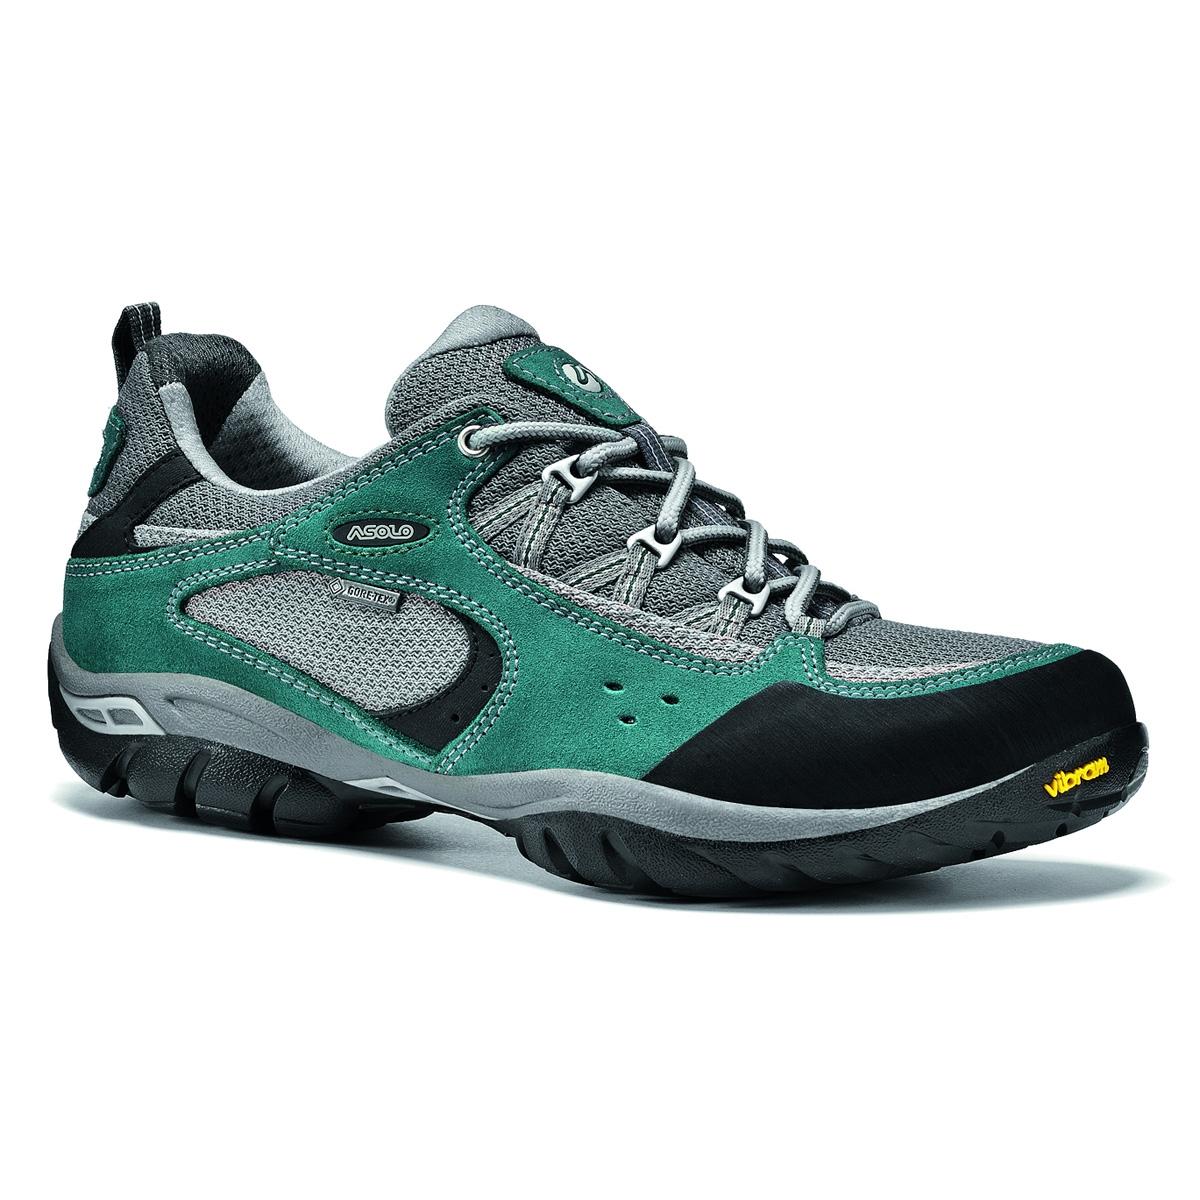 Reebok Walking Shoes For Ladies